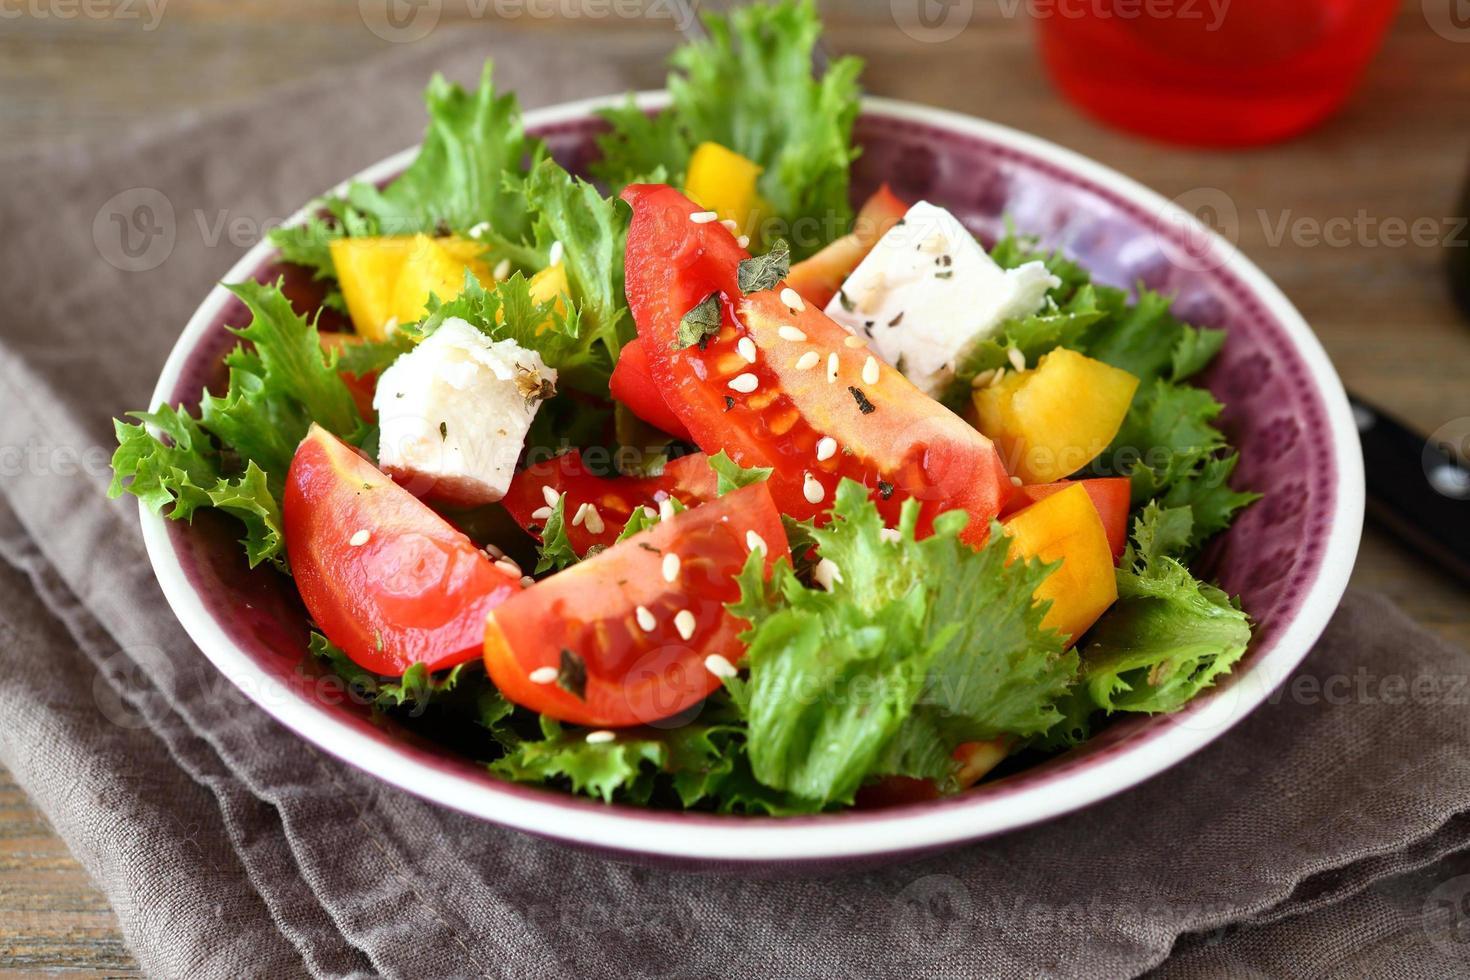 salade met tomaten, kaas en groenten foto